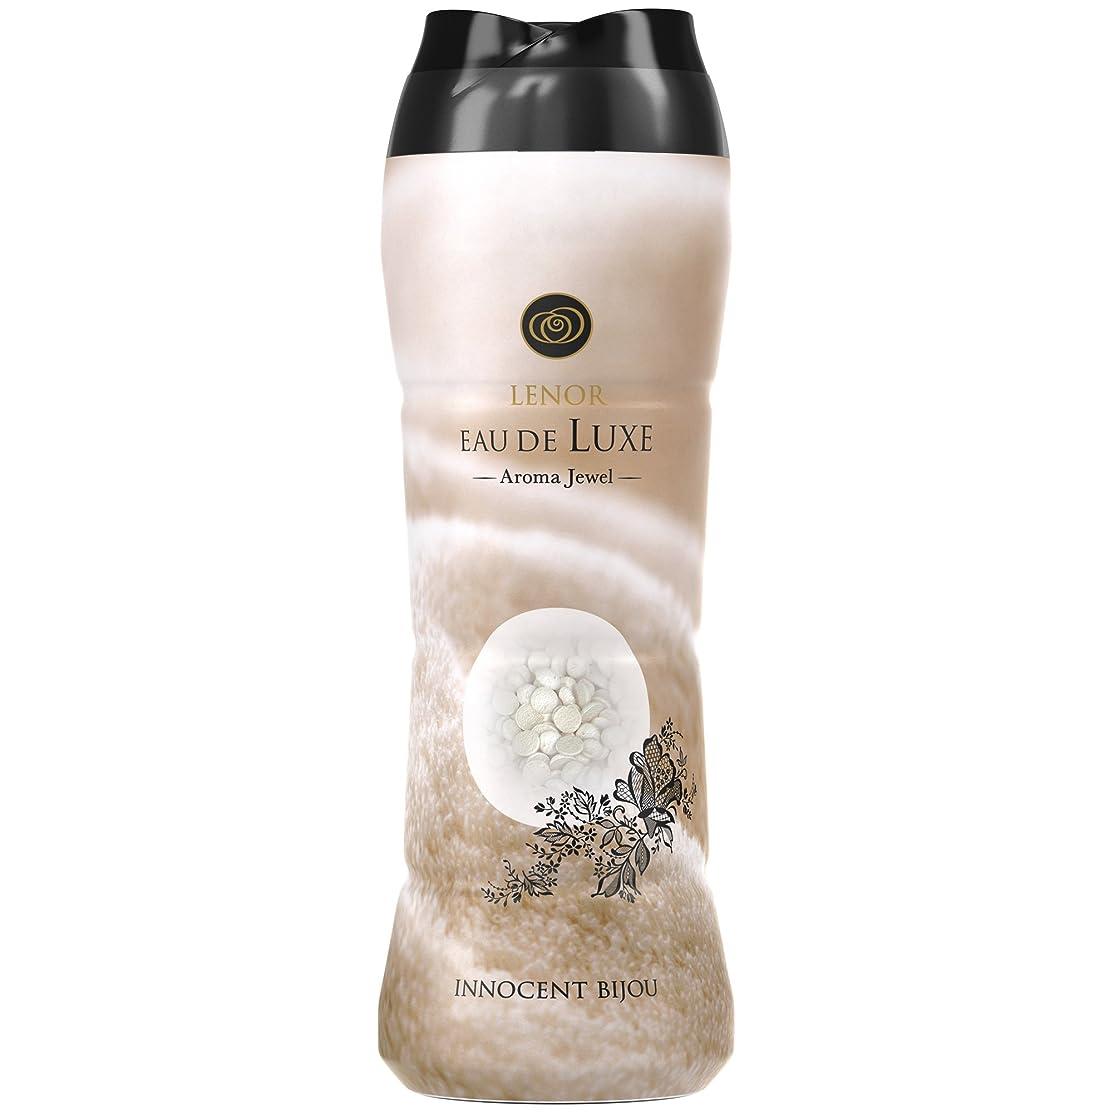 きしむ瞑想する財政レノア オードリュクス アロマジュエル 香り付け専用ビーズ イノセントビジュの香り 520mL